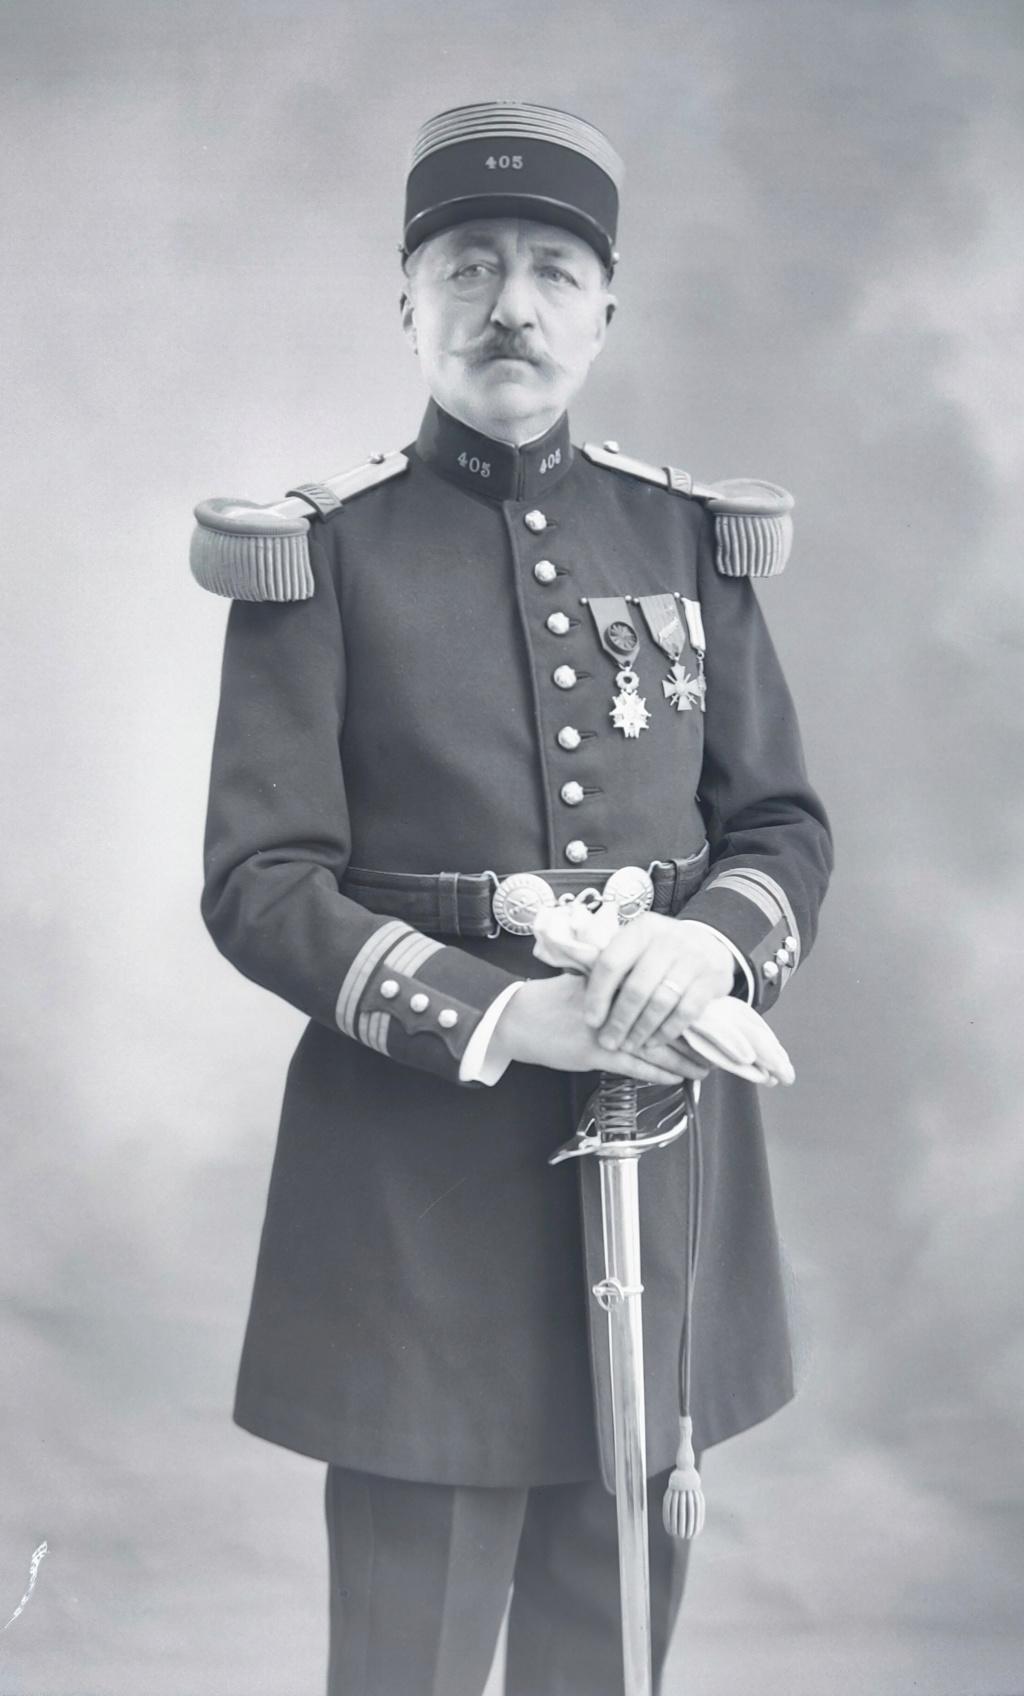 Colonel Renard 1938, 405 régiment d'artillerie Img_2065